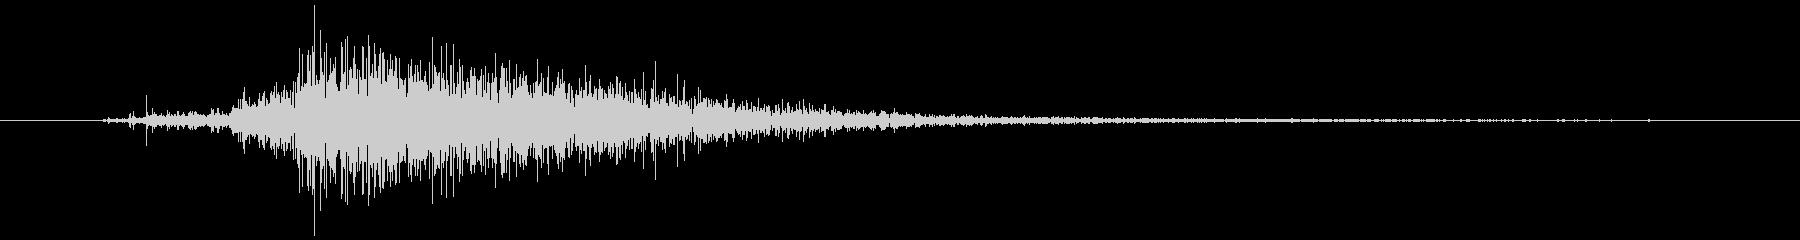 ブォーン(発射、ロボ、空振り、素振り)の未再生の波形